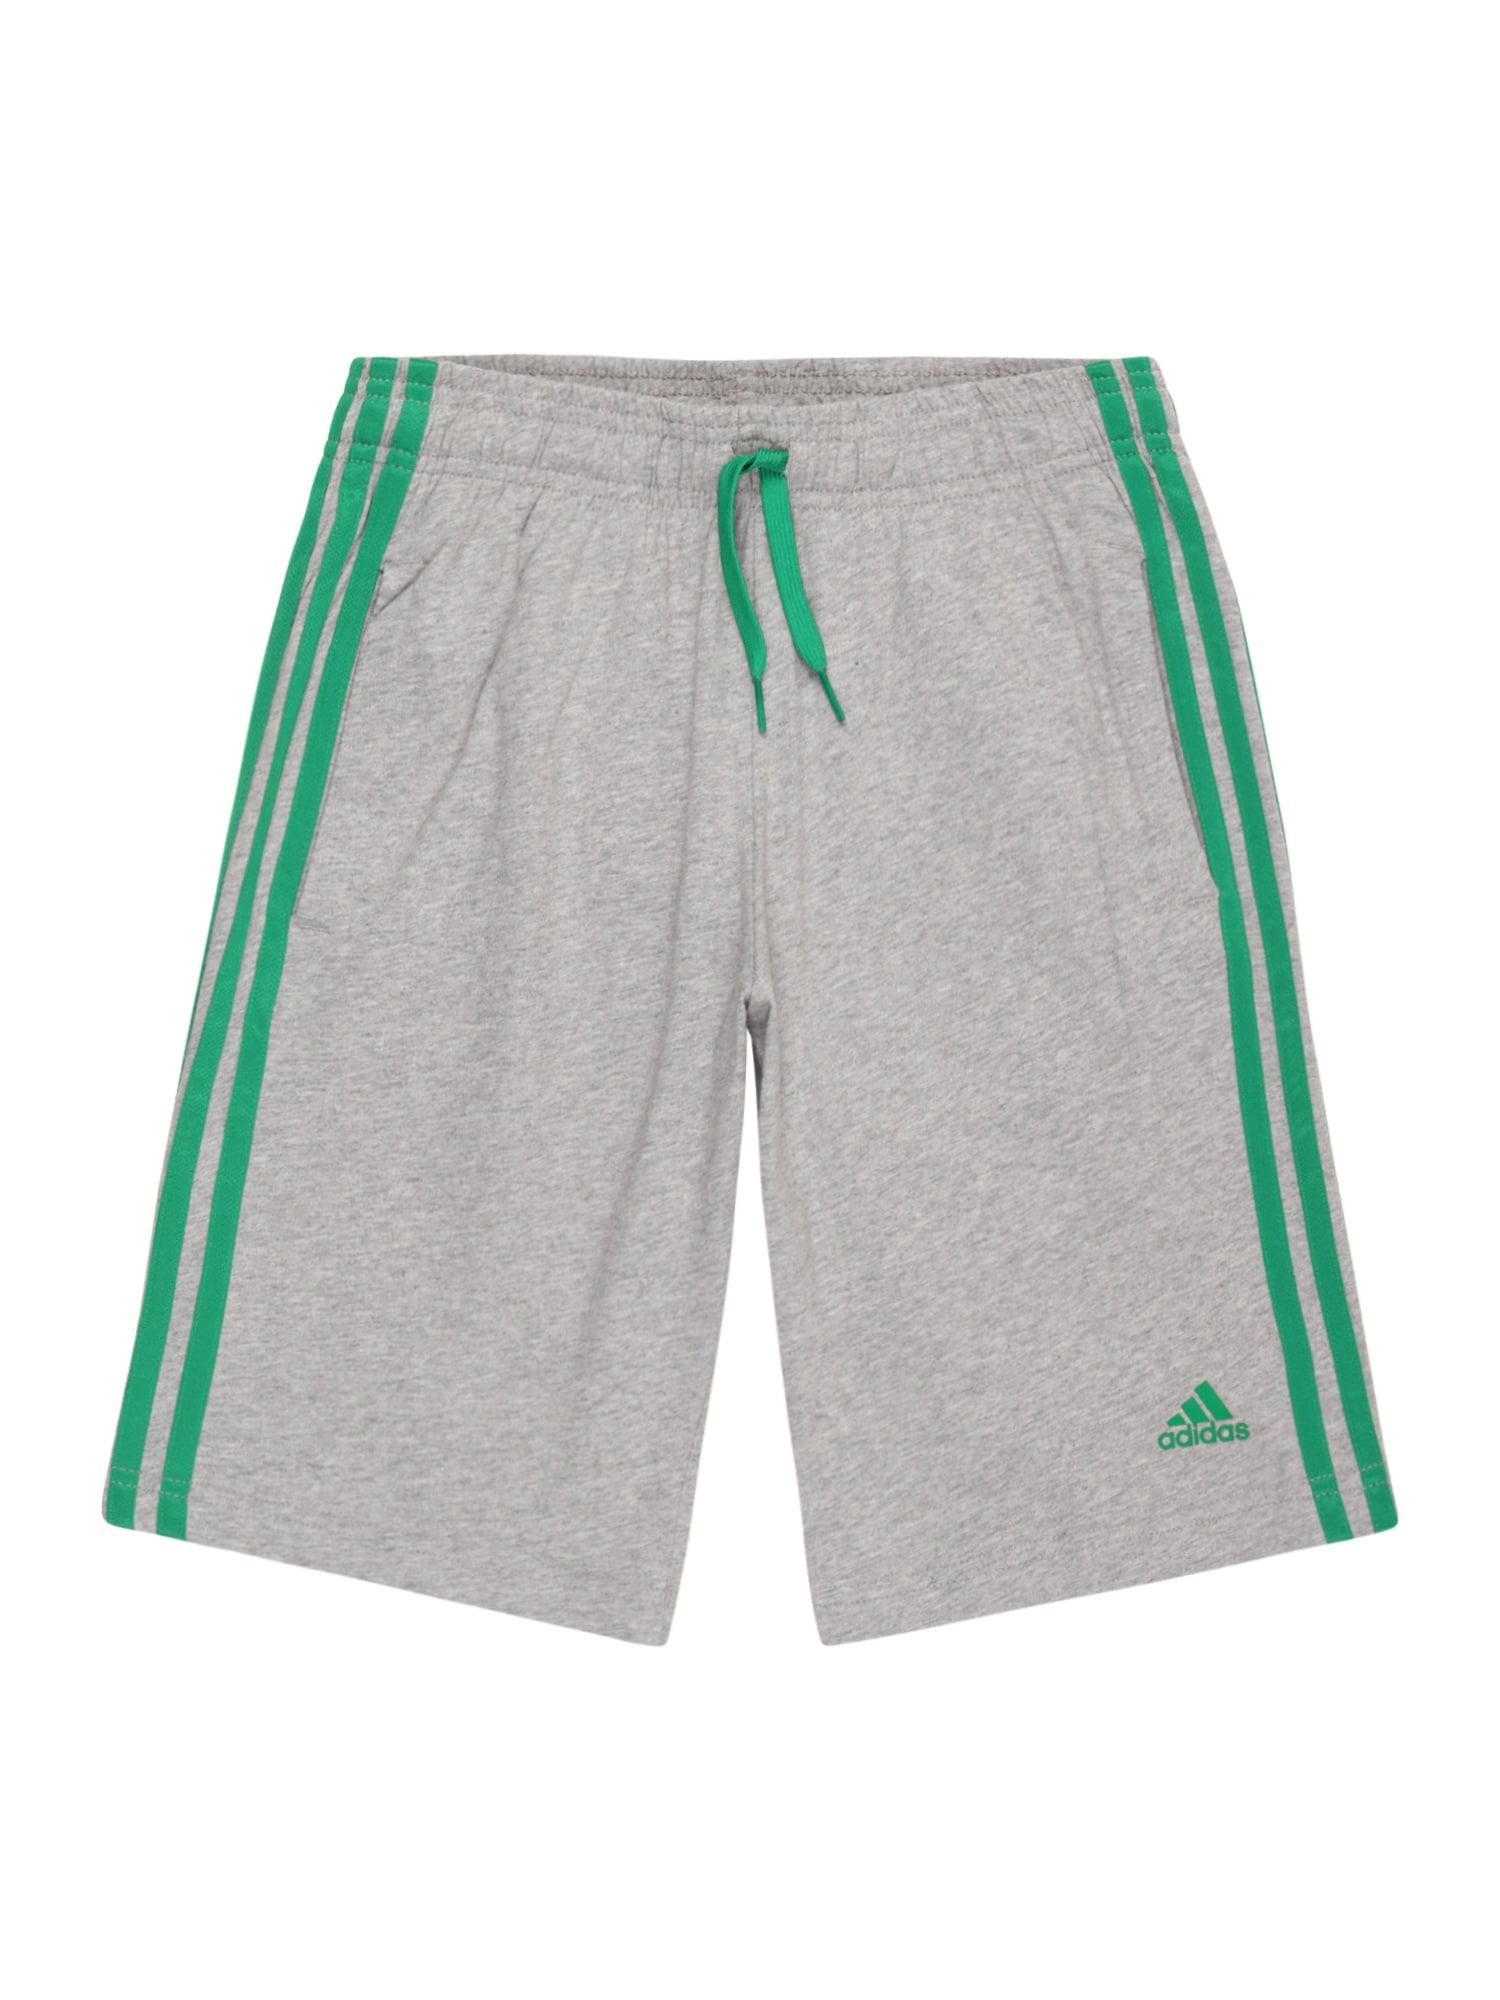 ADIDAS PERFORMANCE Sportinės kelnės margai pilka / žalia